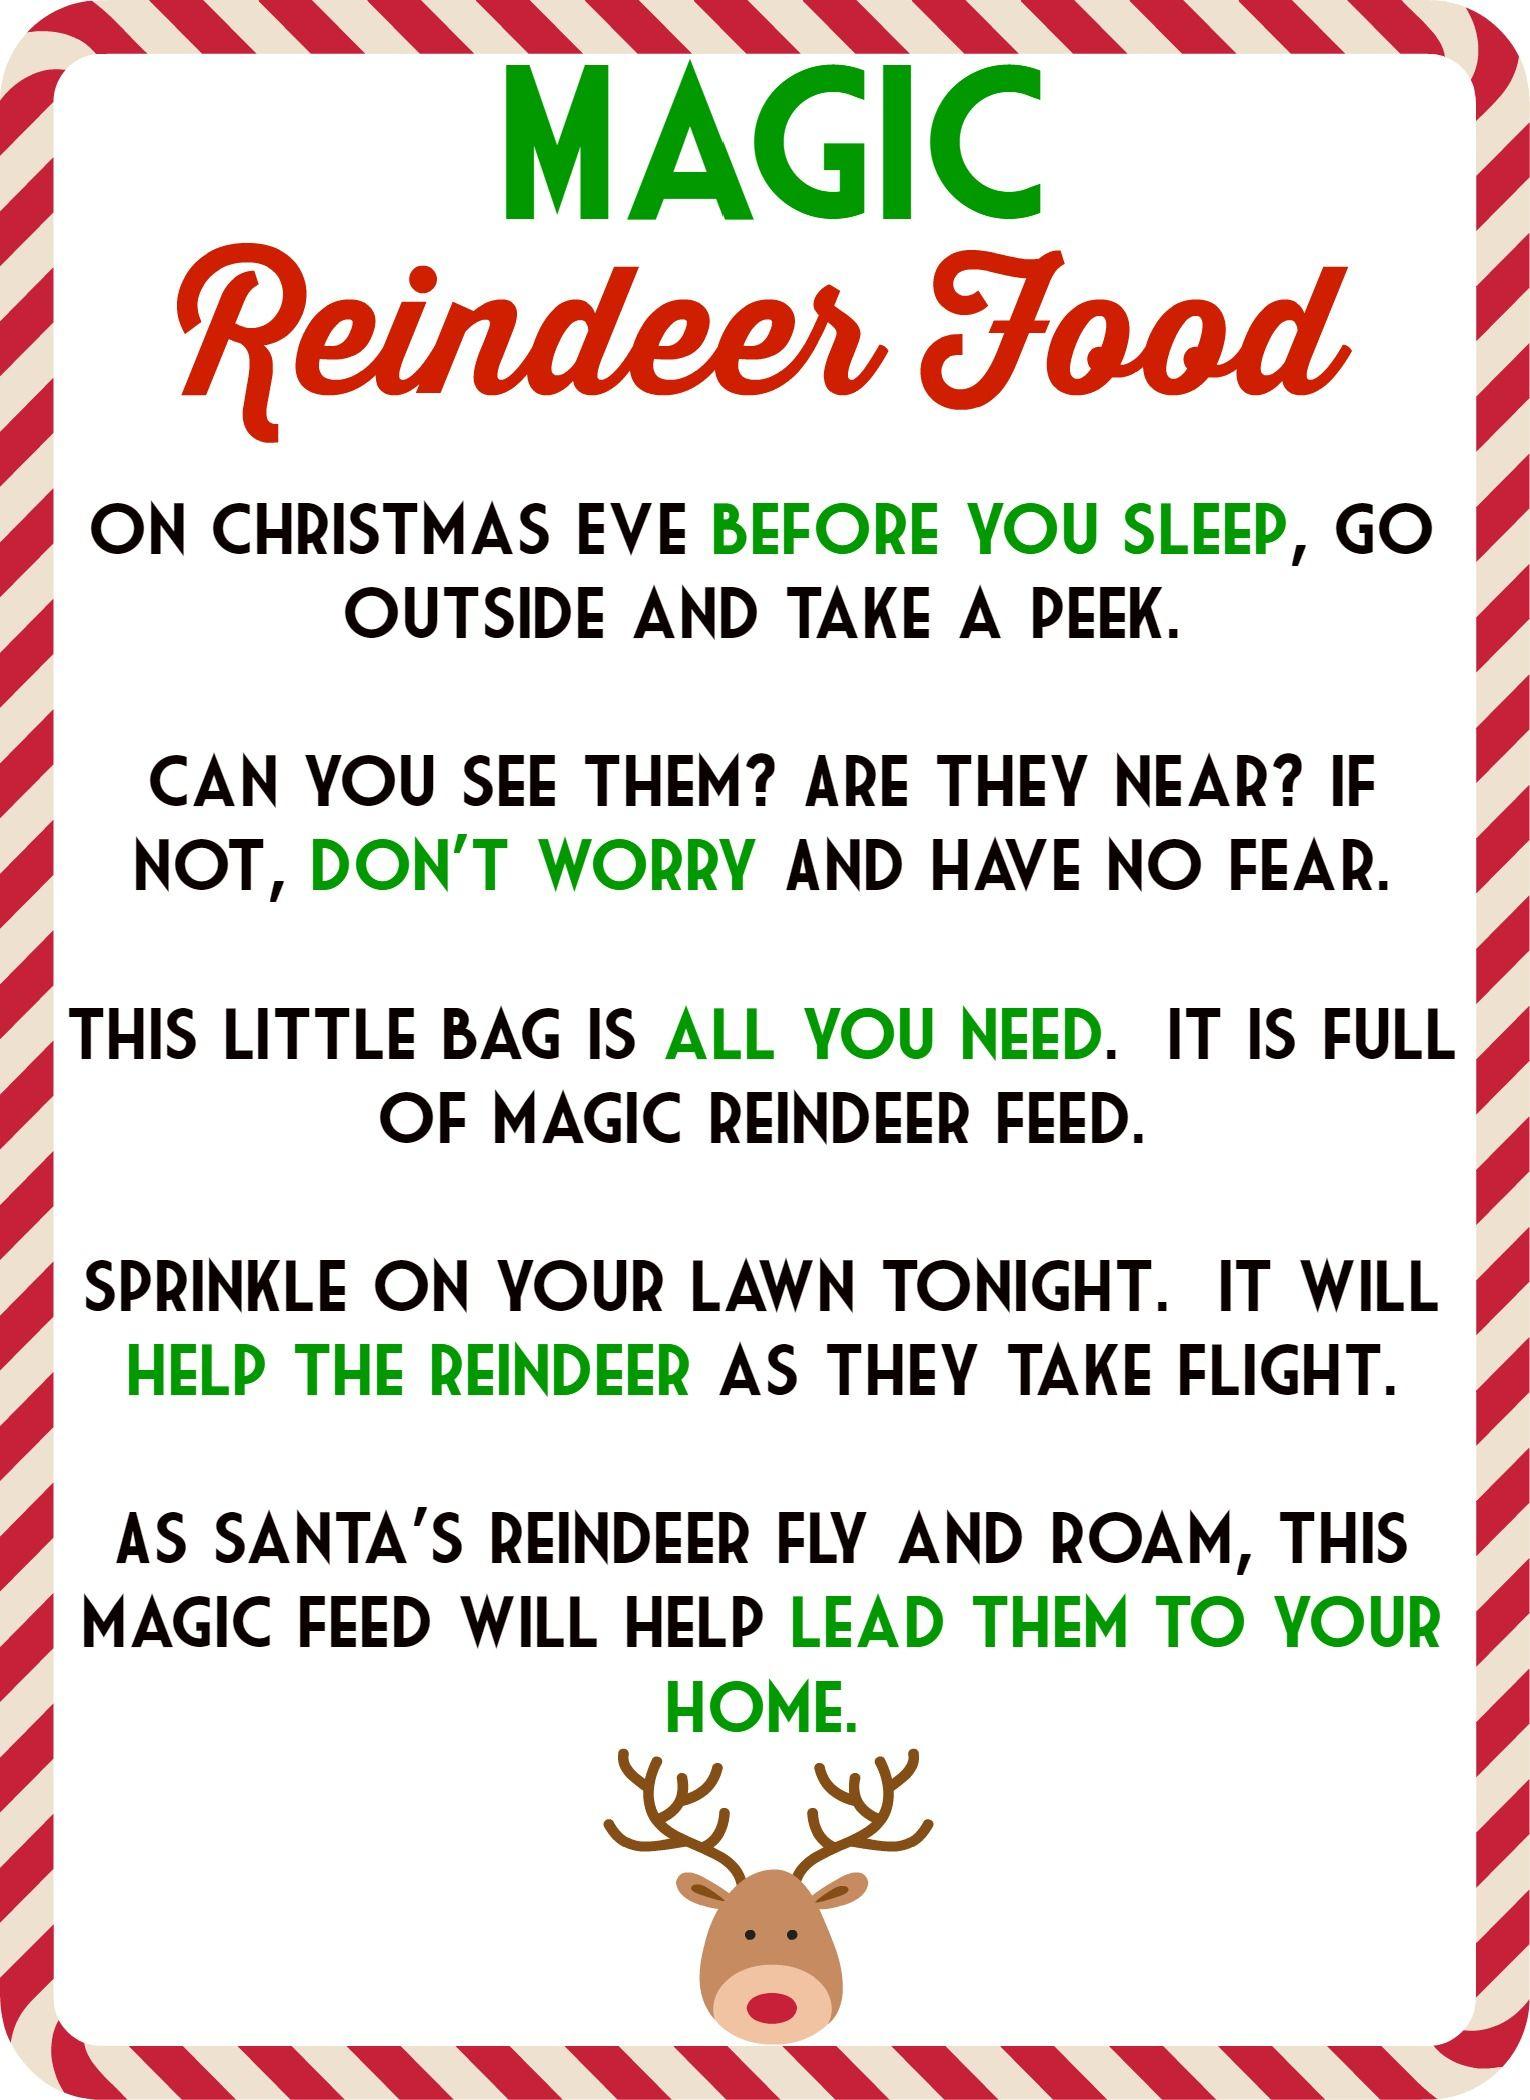 Magic Reindeer Food Poem & Free Printable | 1St Grade | Pinterest - Reindeer Food Poem Free Printable